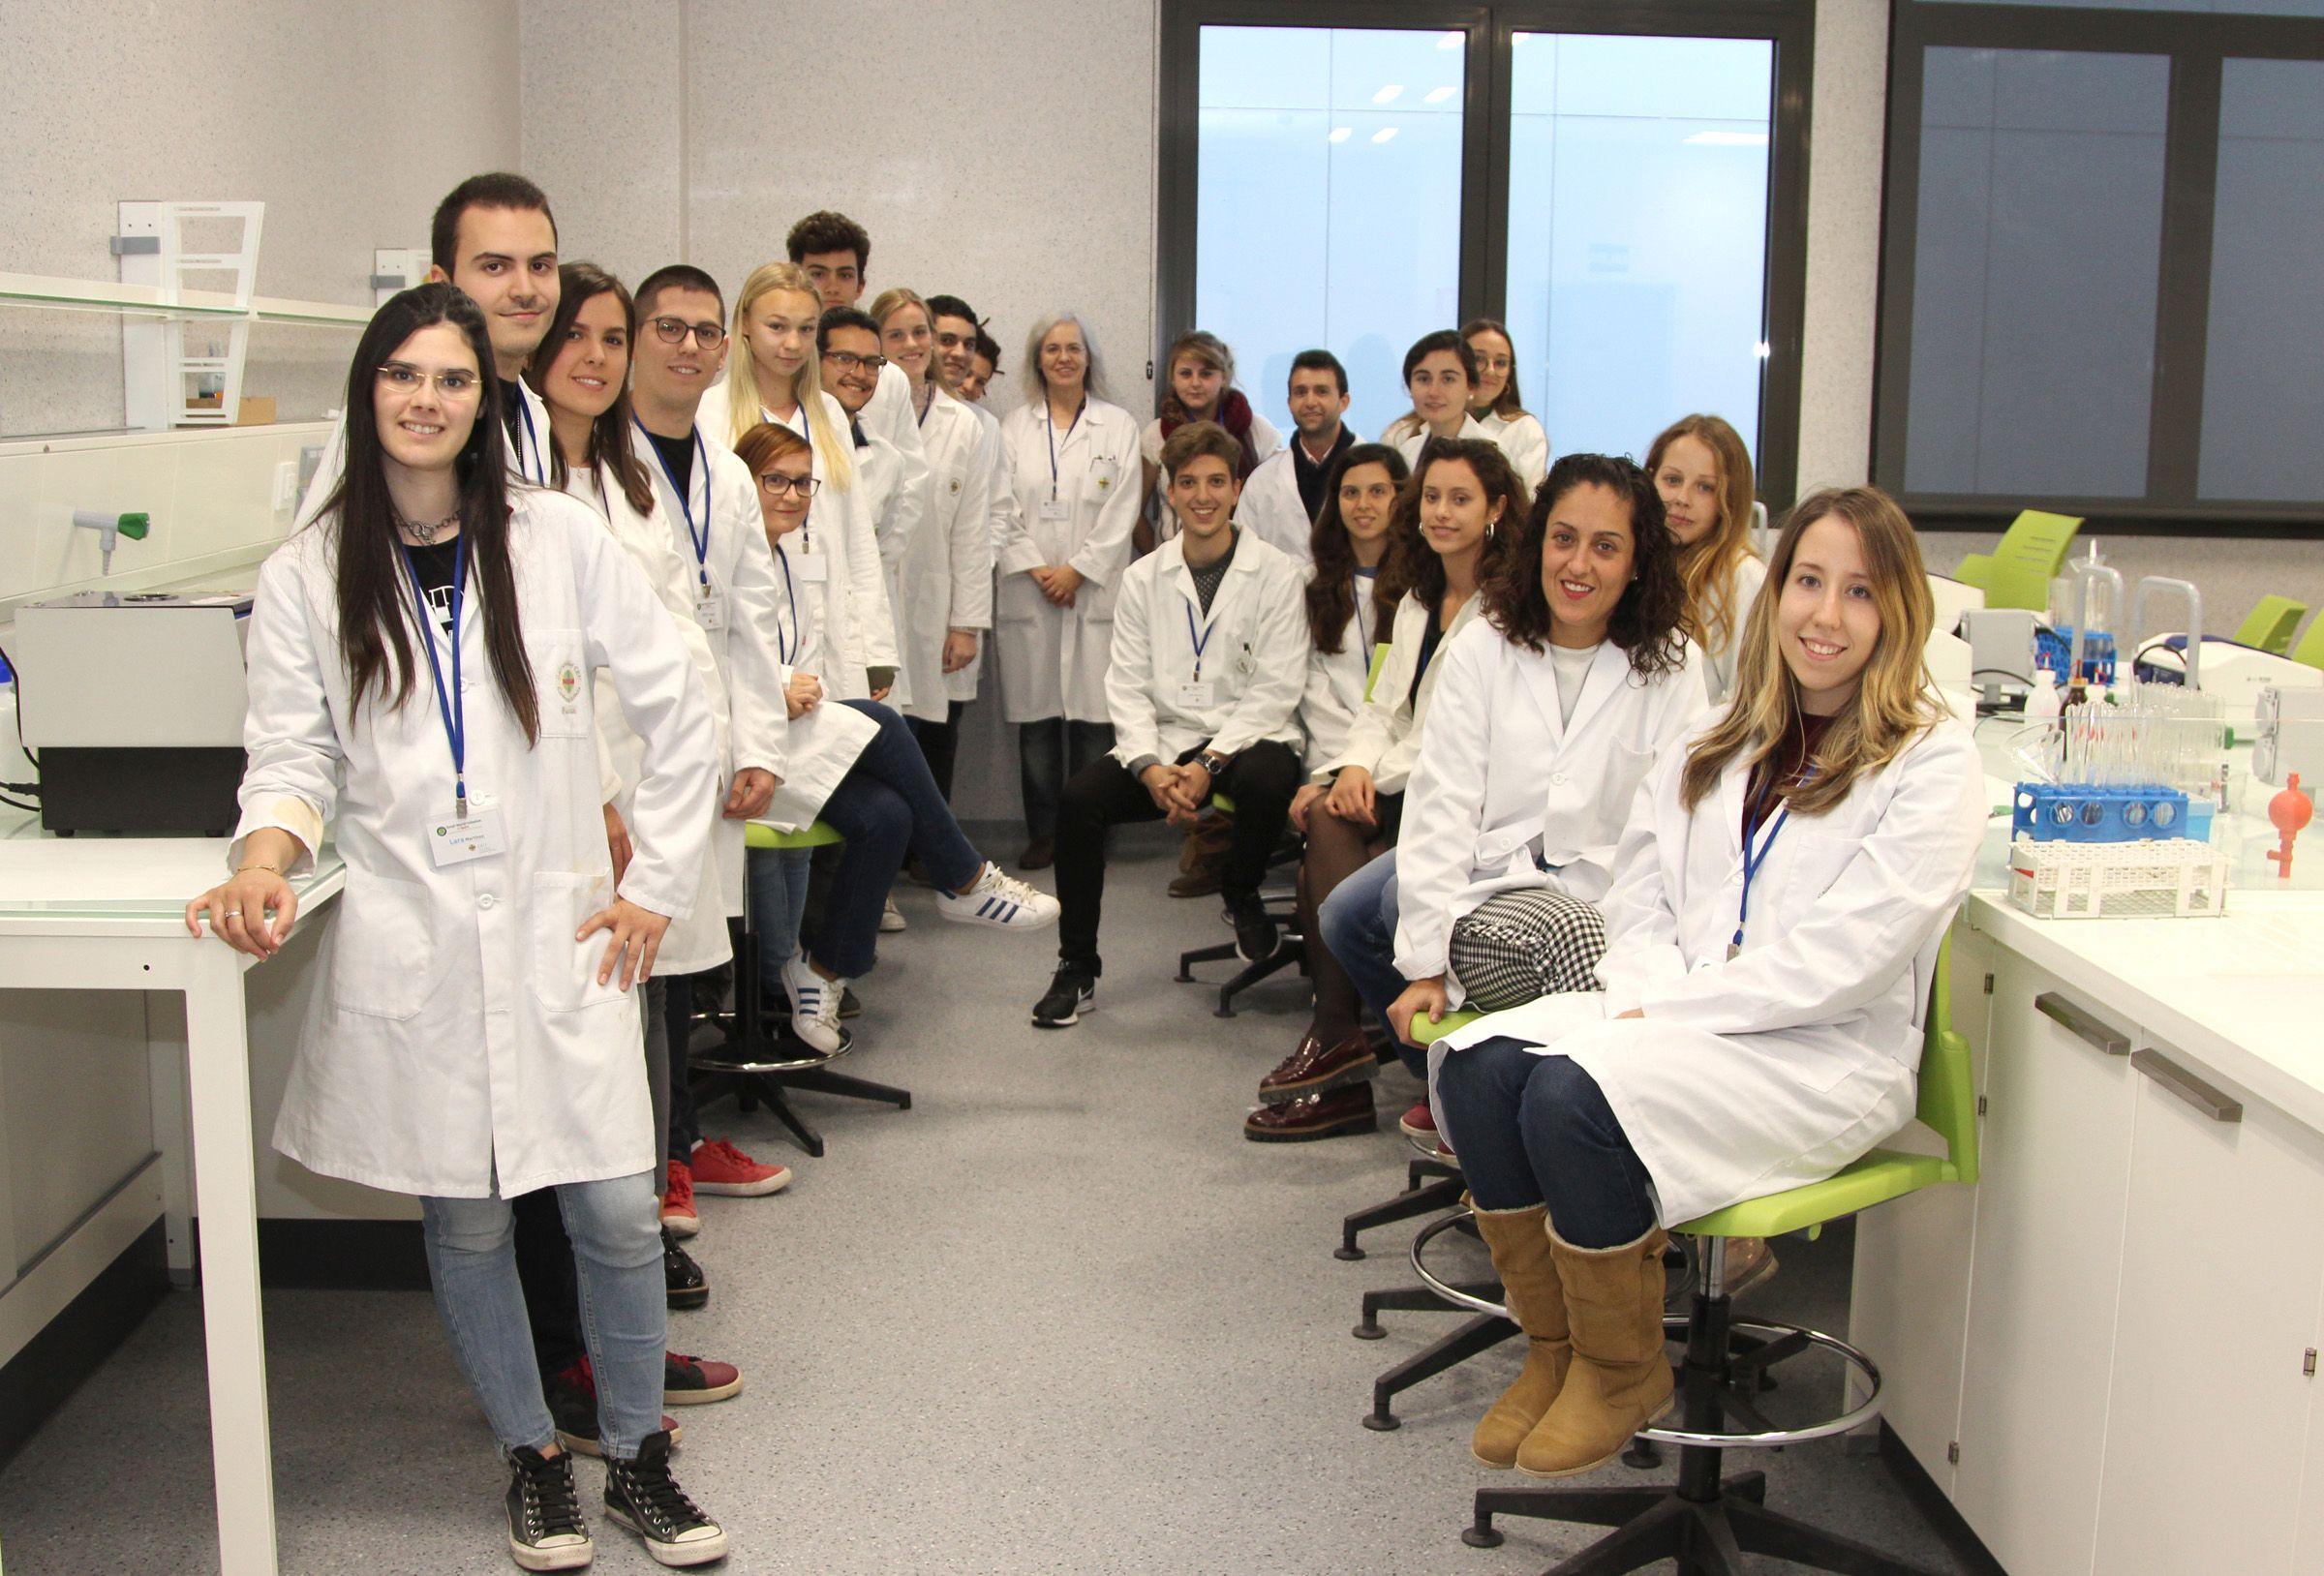 SWIpis y SWitas, profesores y estudiantes del grupo SWI@CEU, participantes en la iniciativa internacional SWI de ciencia ciudadana para la búsqueda de nuevos antibióticos.